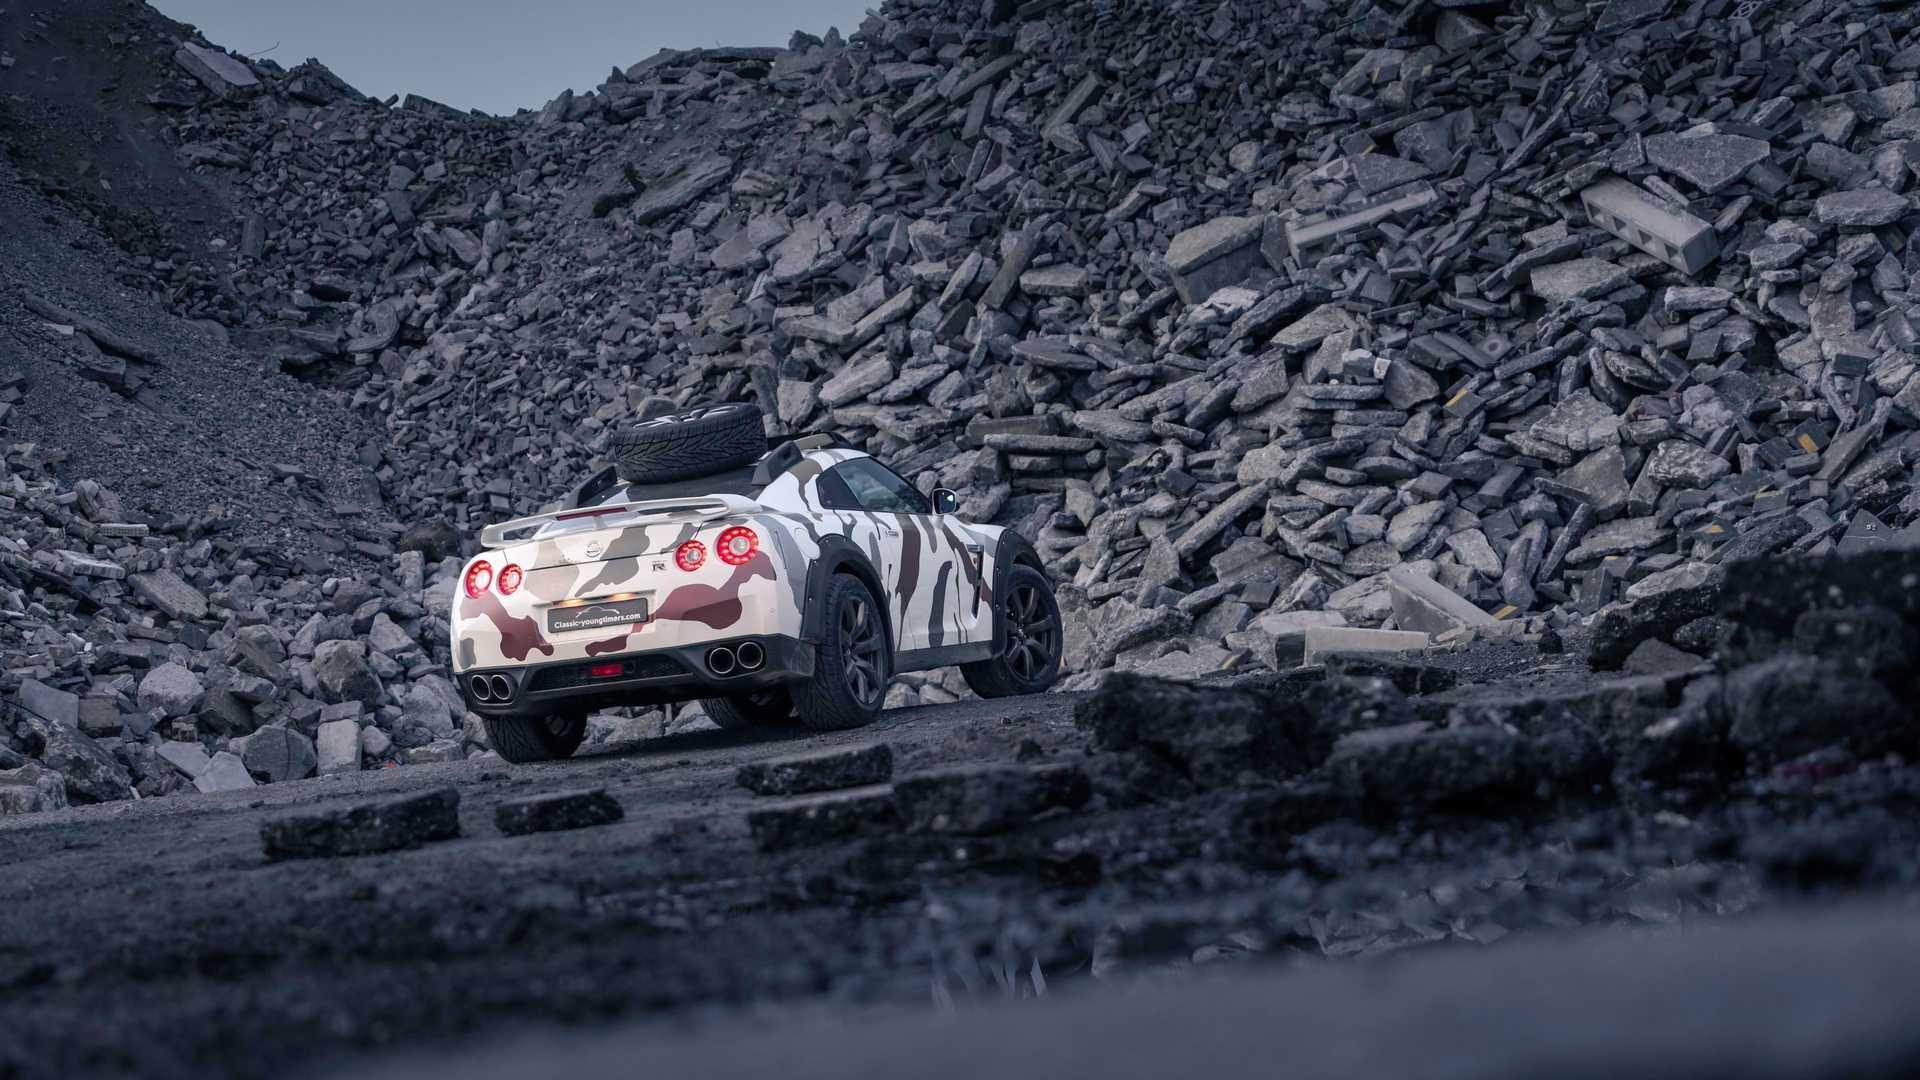 Nissan-GT-R-Offroad-Godzilla-2.0-21